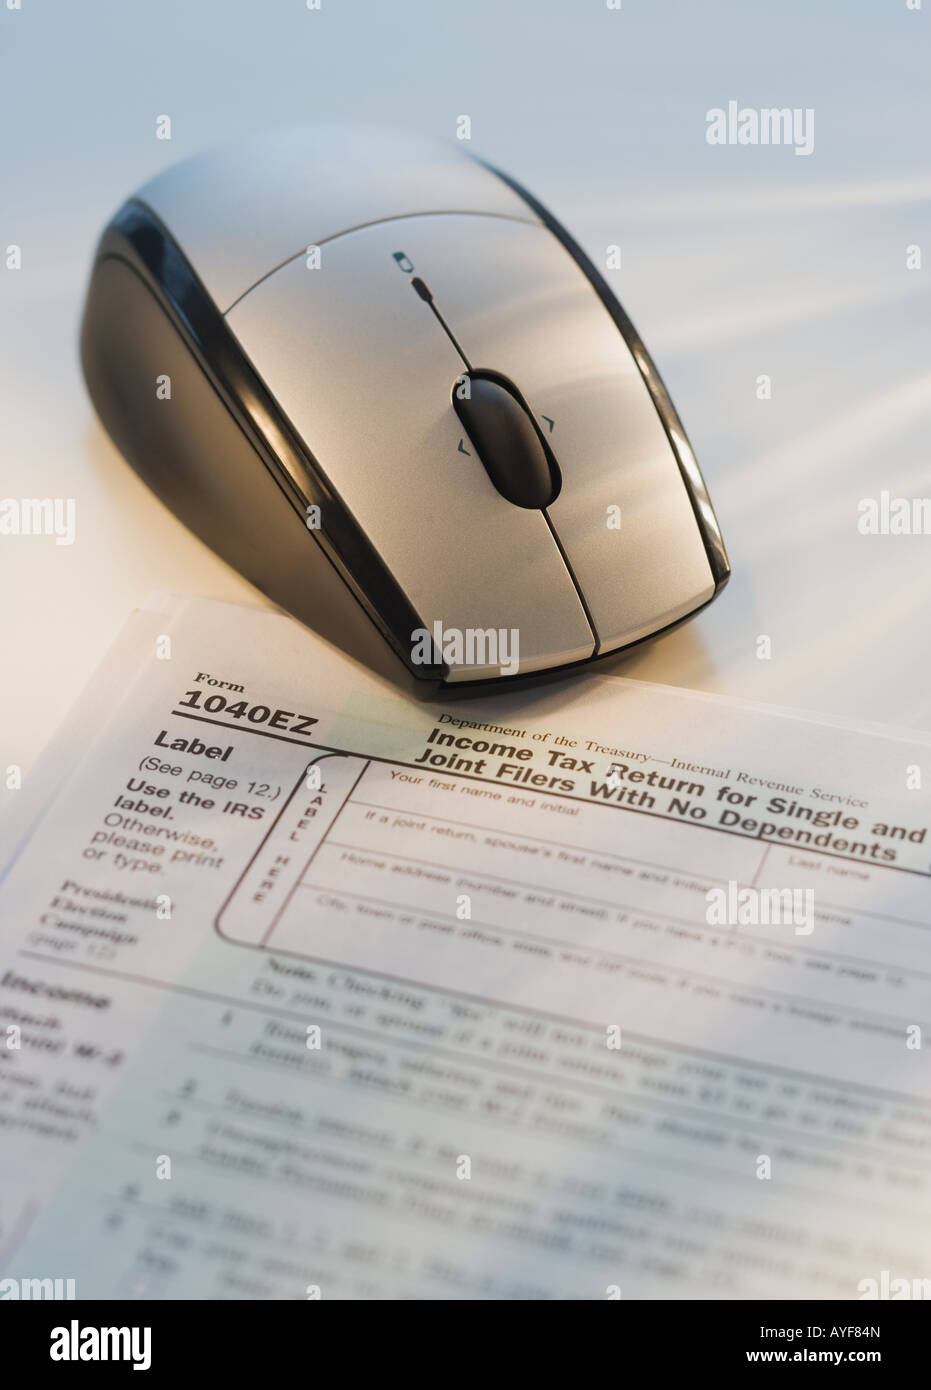 Souris d'ordinateur à côté de formulaire d'impôt Photo Stock